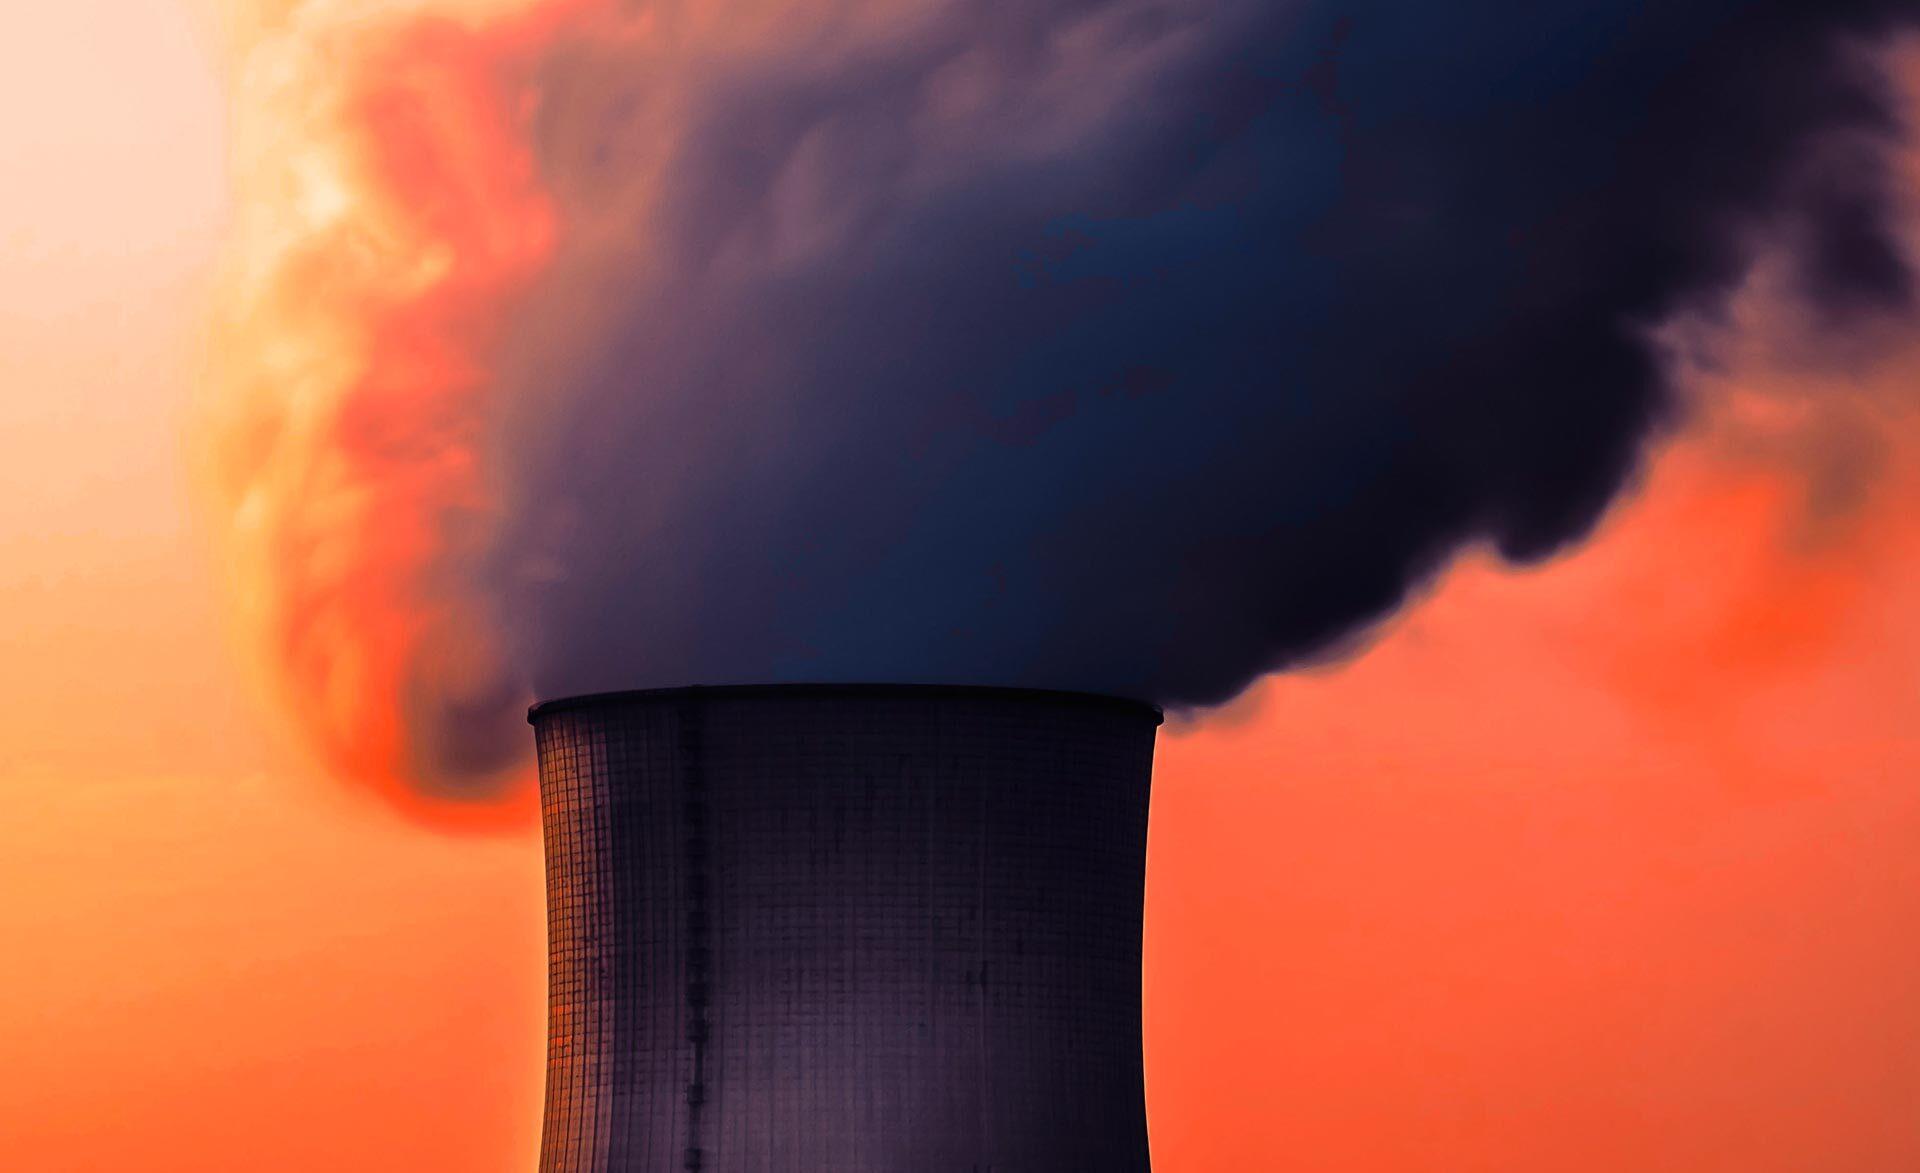 Czy Słowacja ma elektrownie atomowe? Elektrownie atomowe na Słowacji